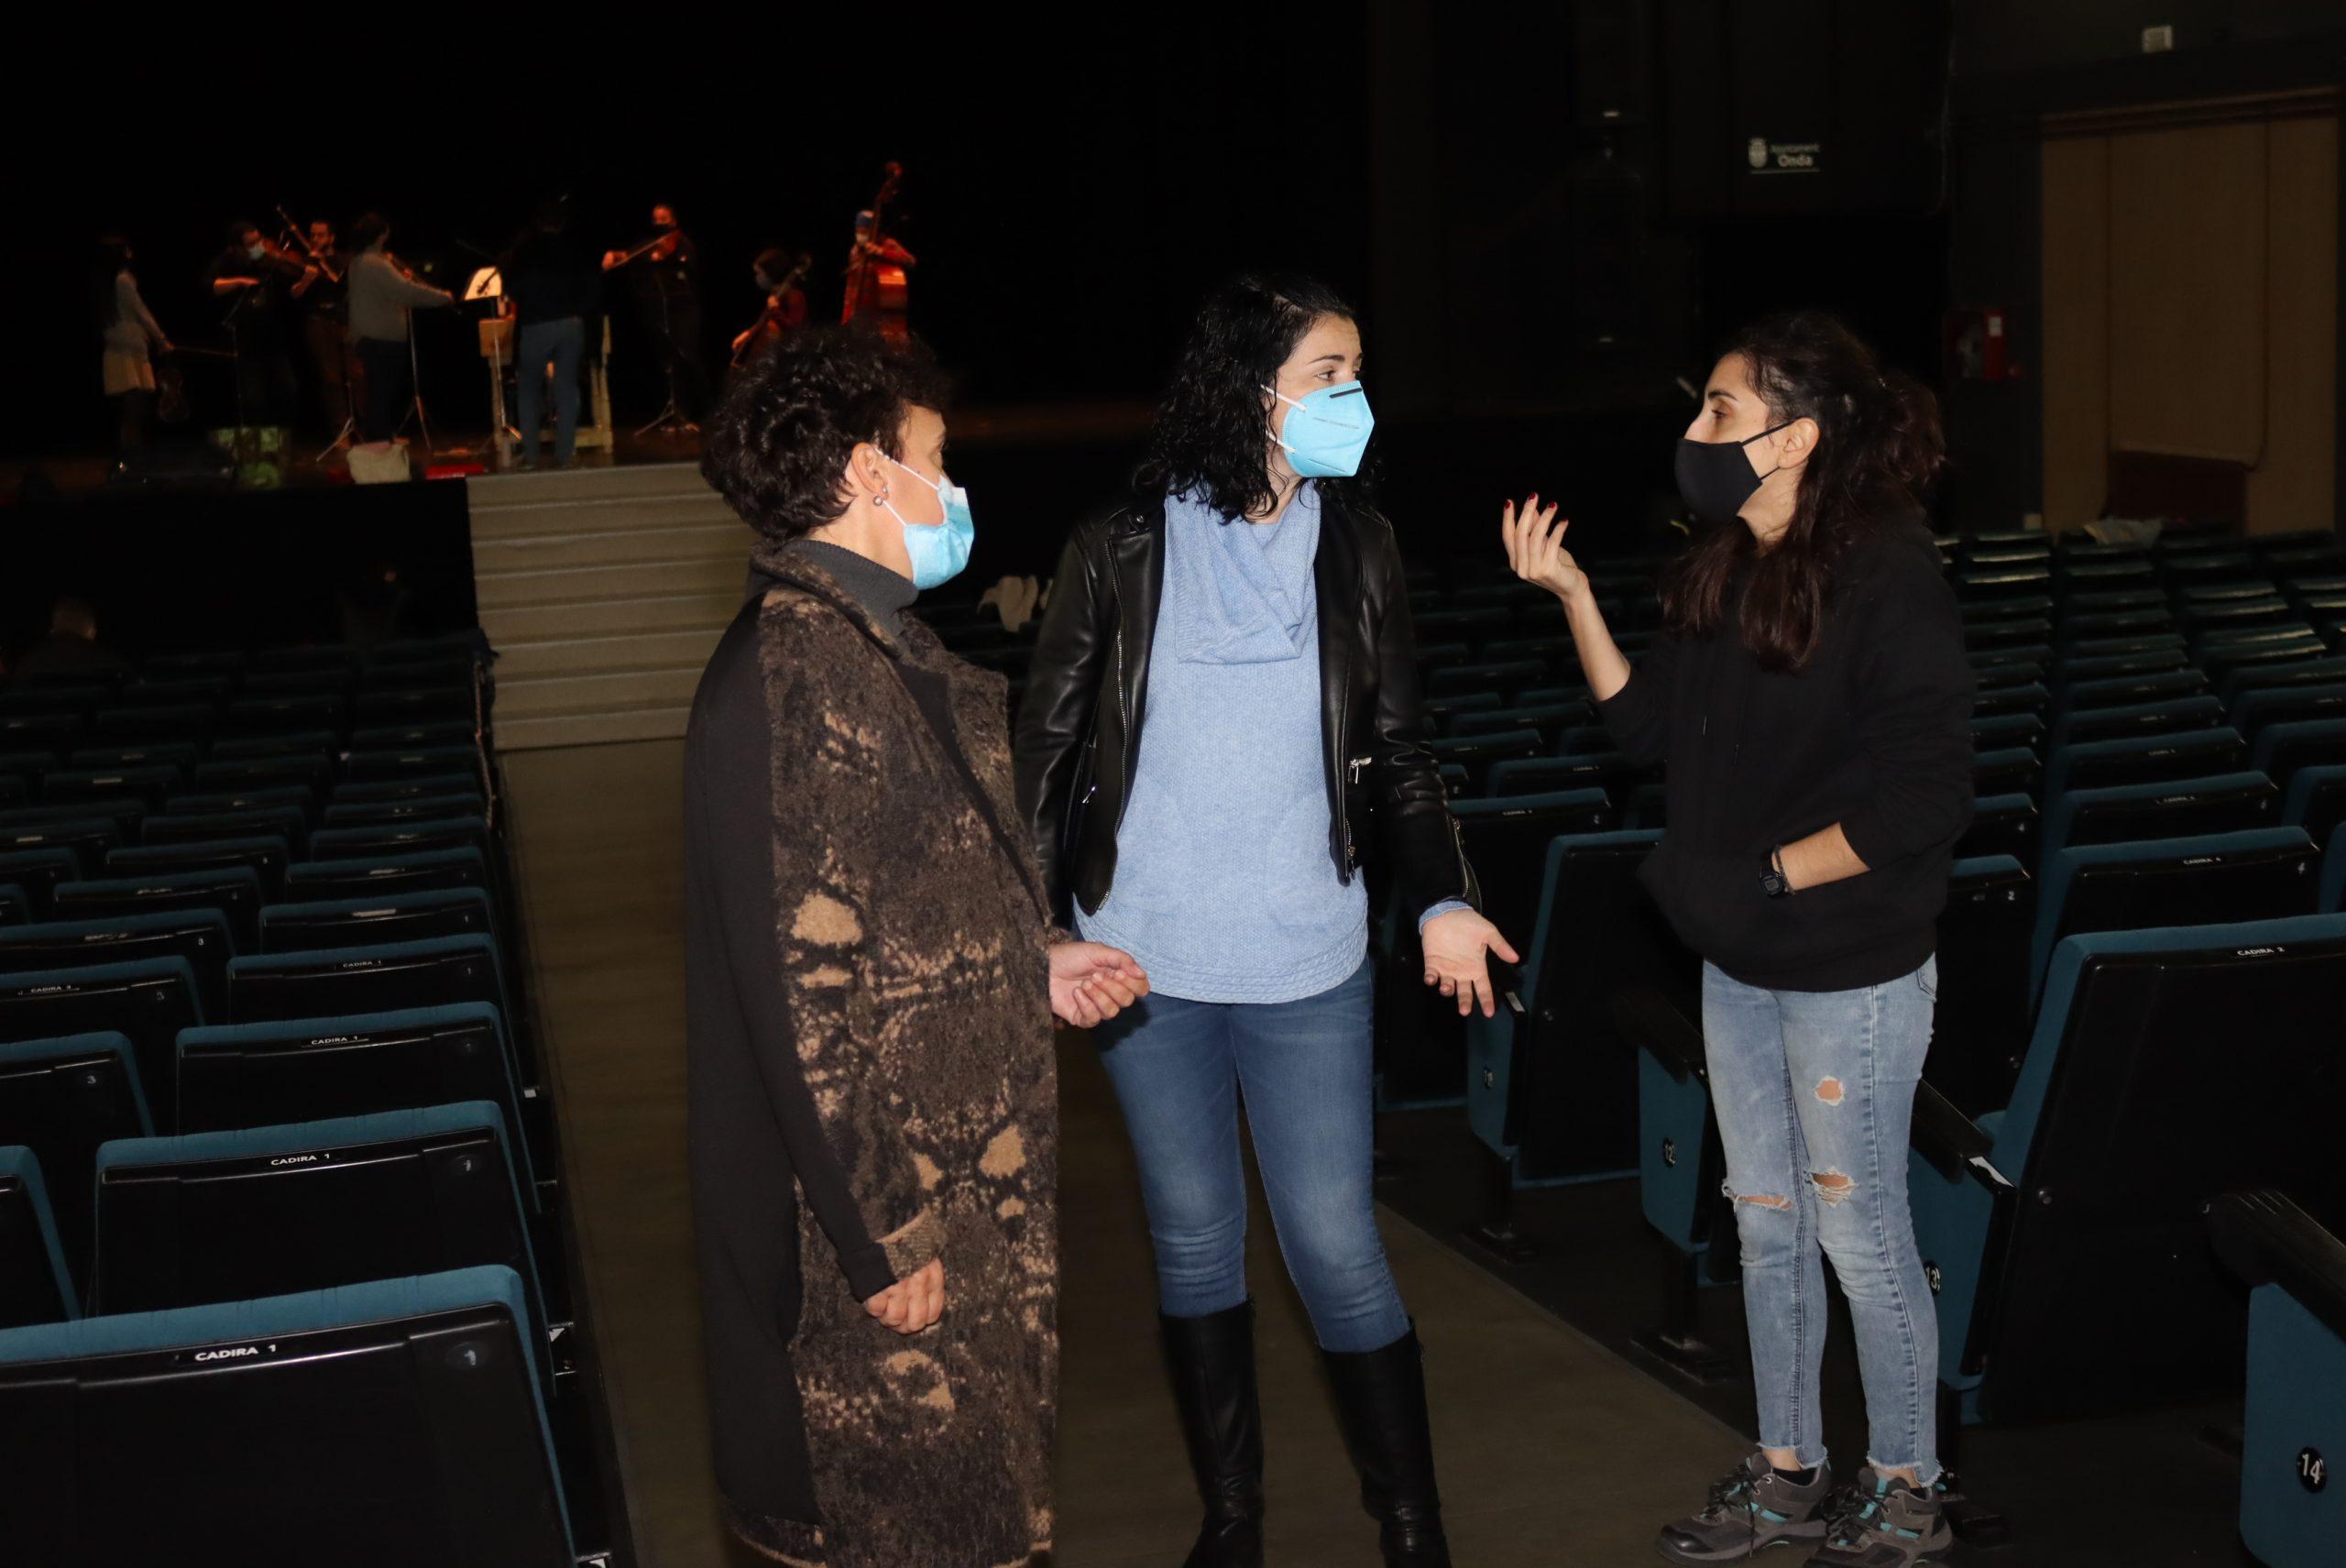 El Teatro Mónaco de Onda vuelve a levantar el telón tras las obras de modernización e instalar tecnología puntera de luz y sonido